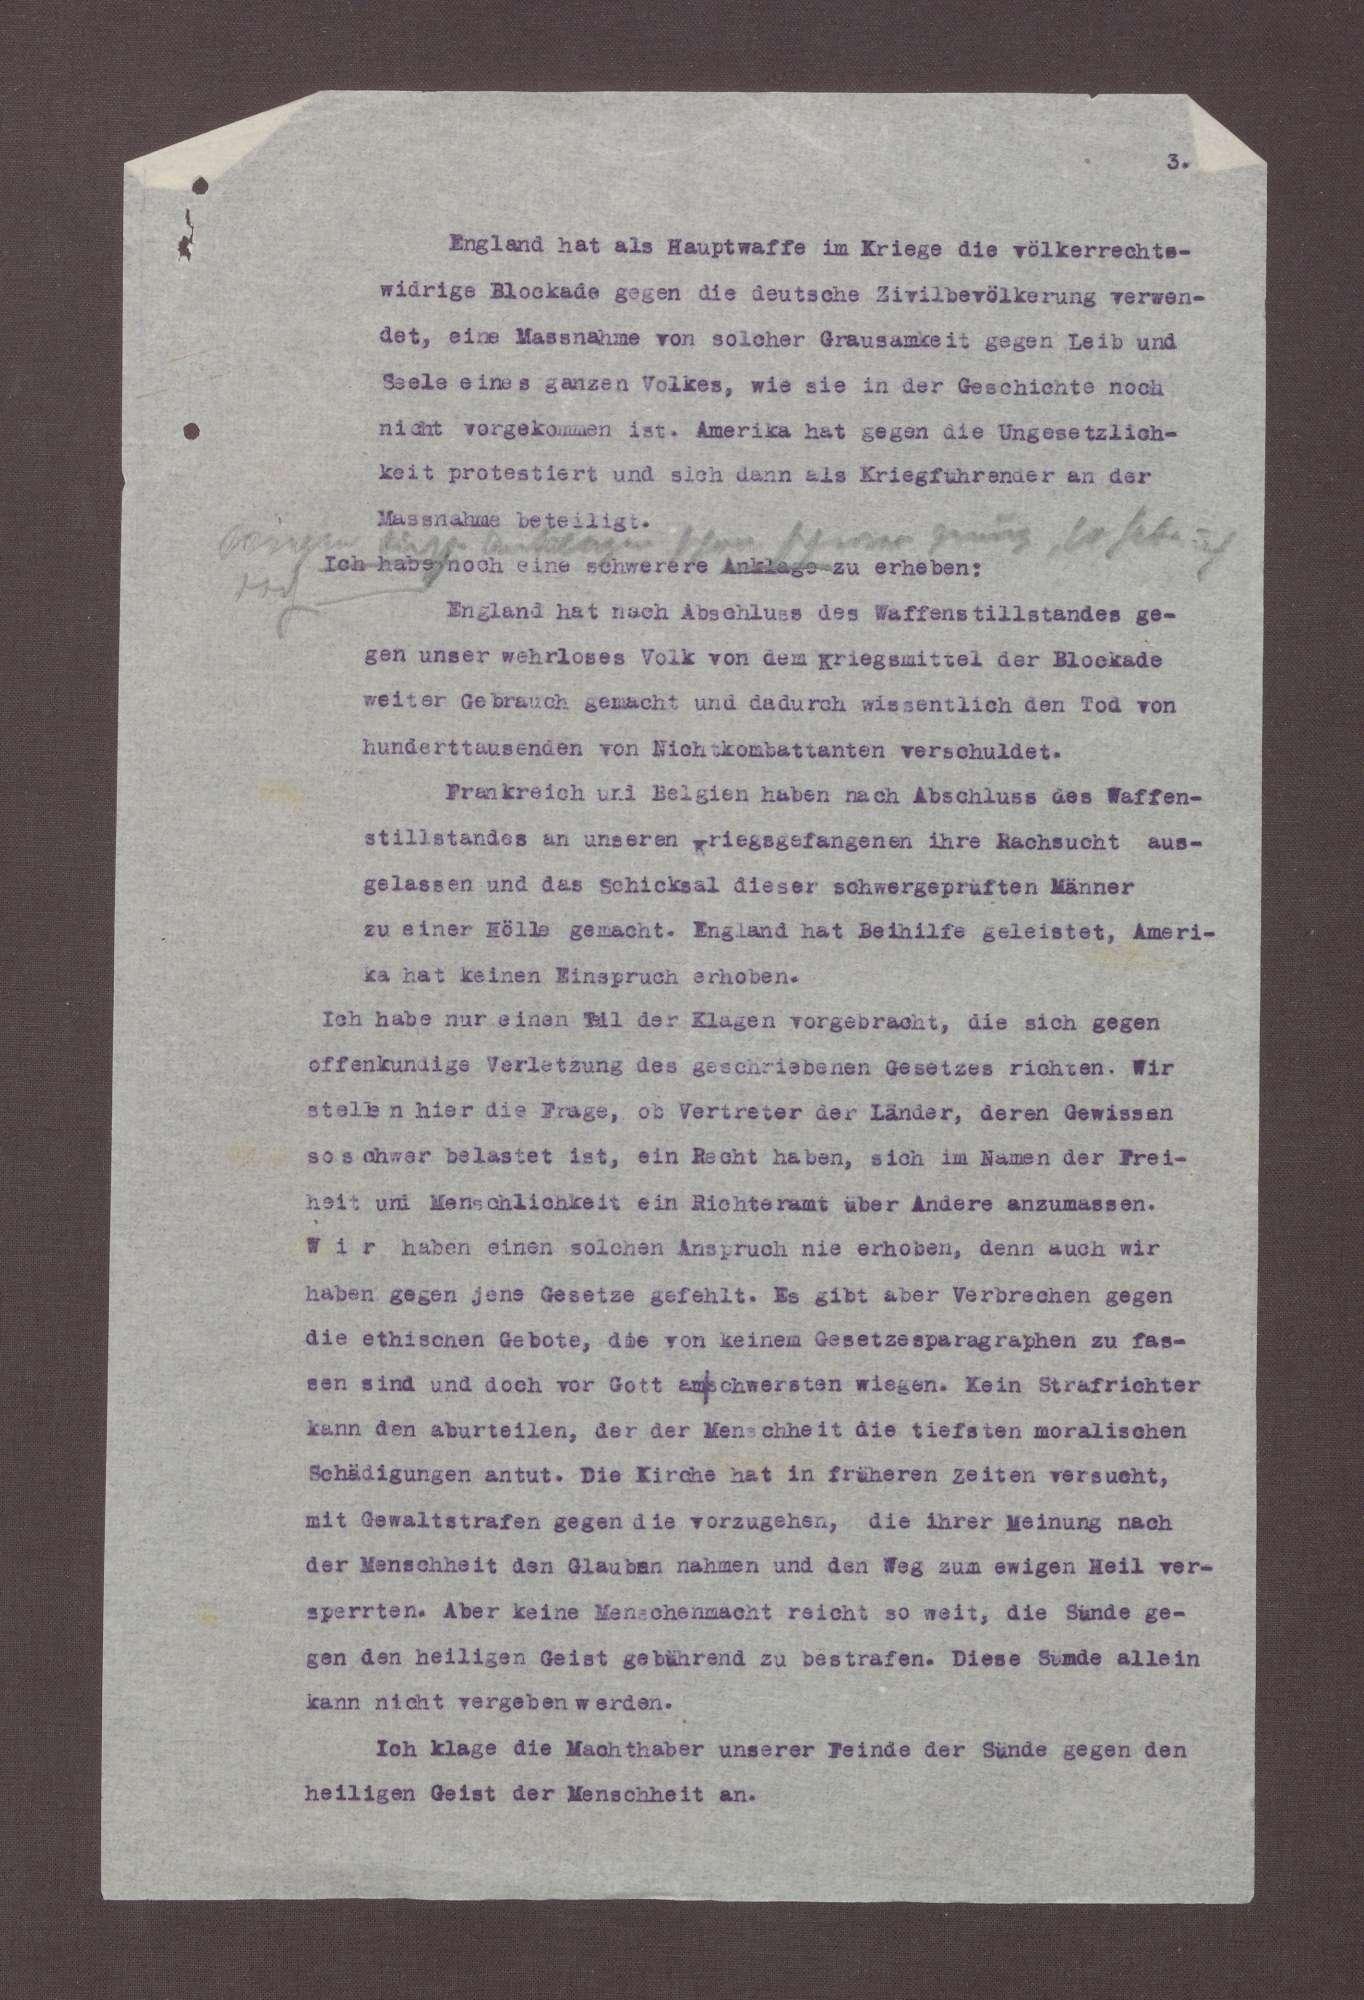 Entwurf eines Artikels für die Badische Landeszeitung über die 14 Punkte von Wilson als Grundlage eines Friedens mit Deutschland, Bild 2